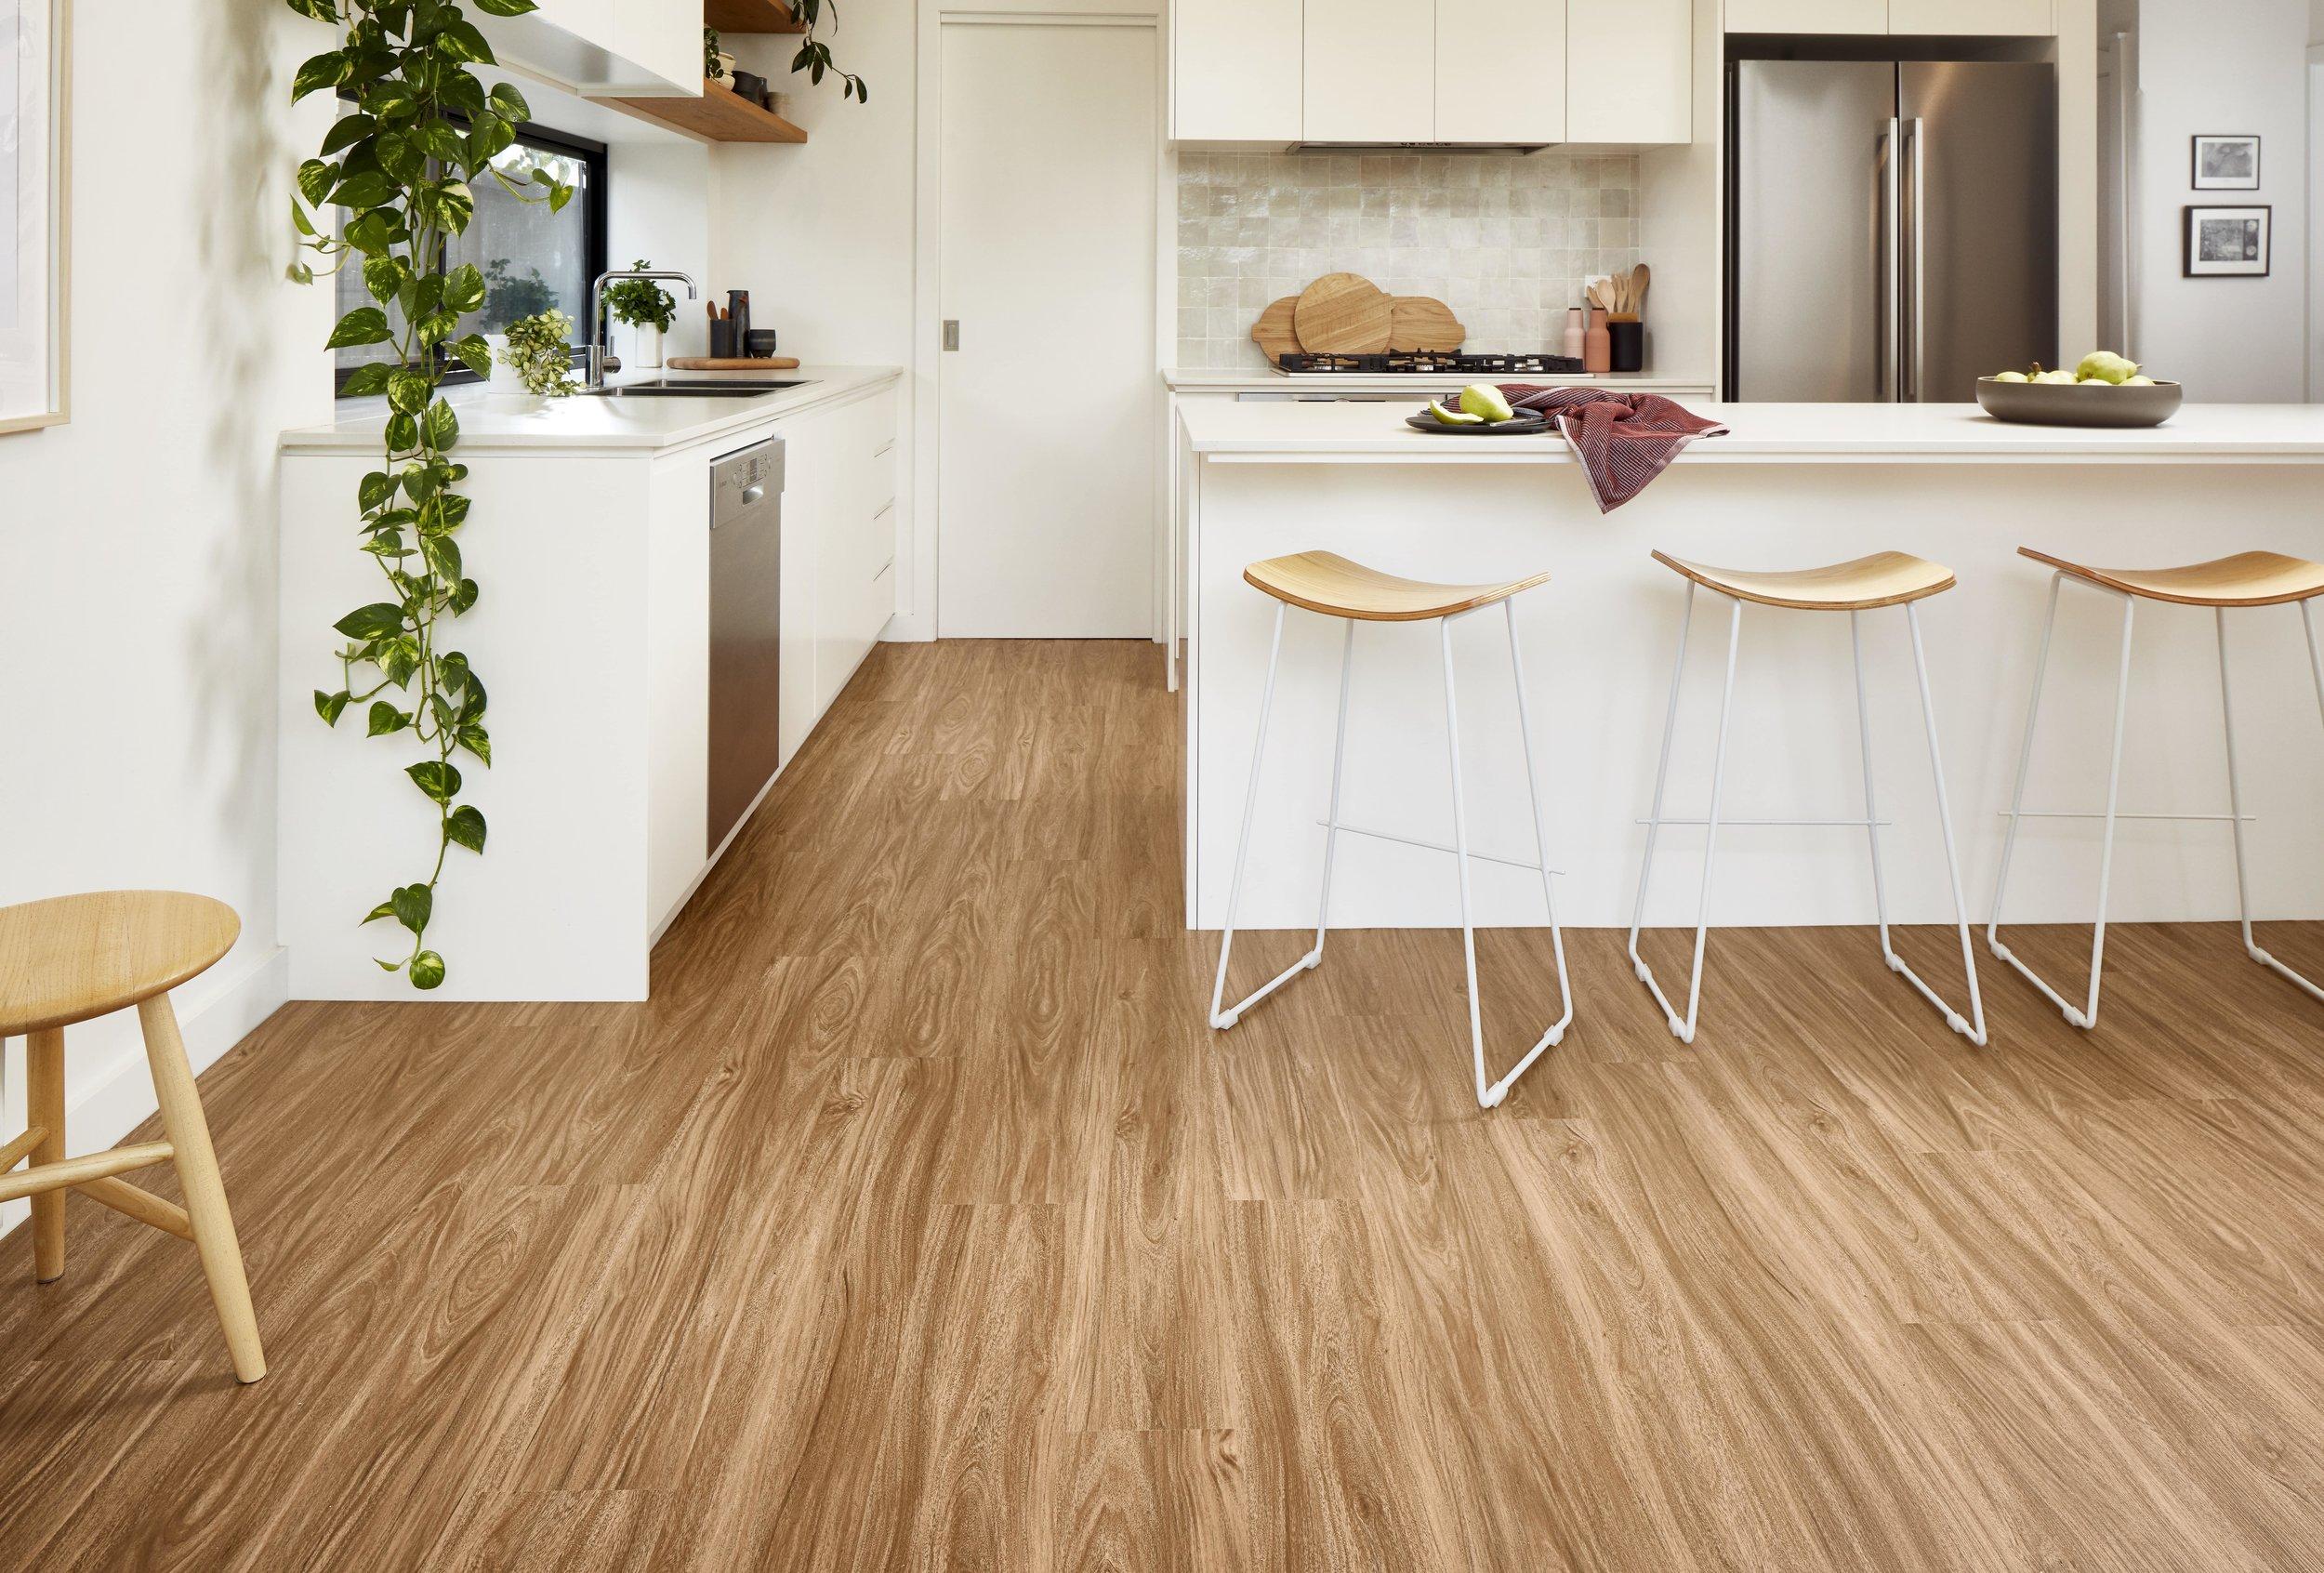 Godfrey Hirst's Apollo range of hybrid flooring, available at Kawana Flooring Warehouse